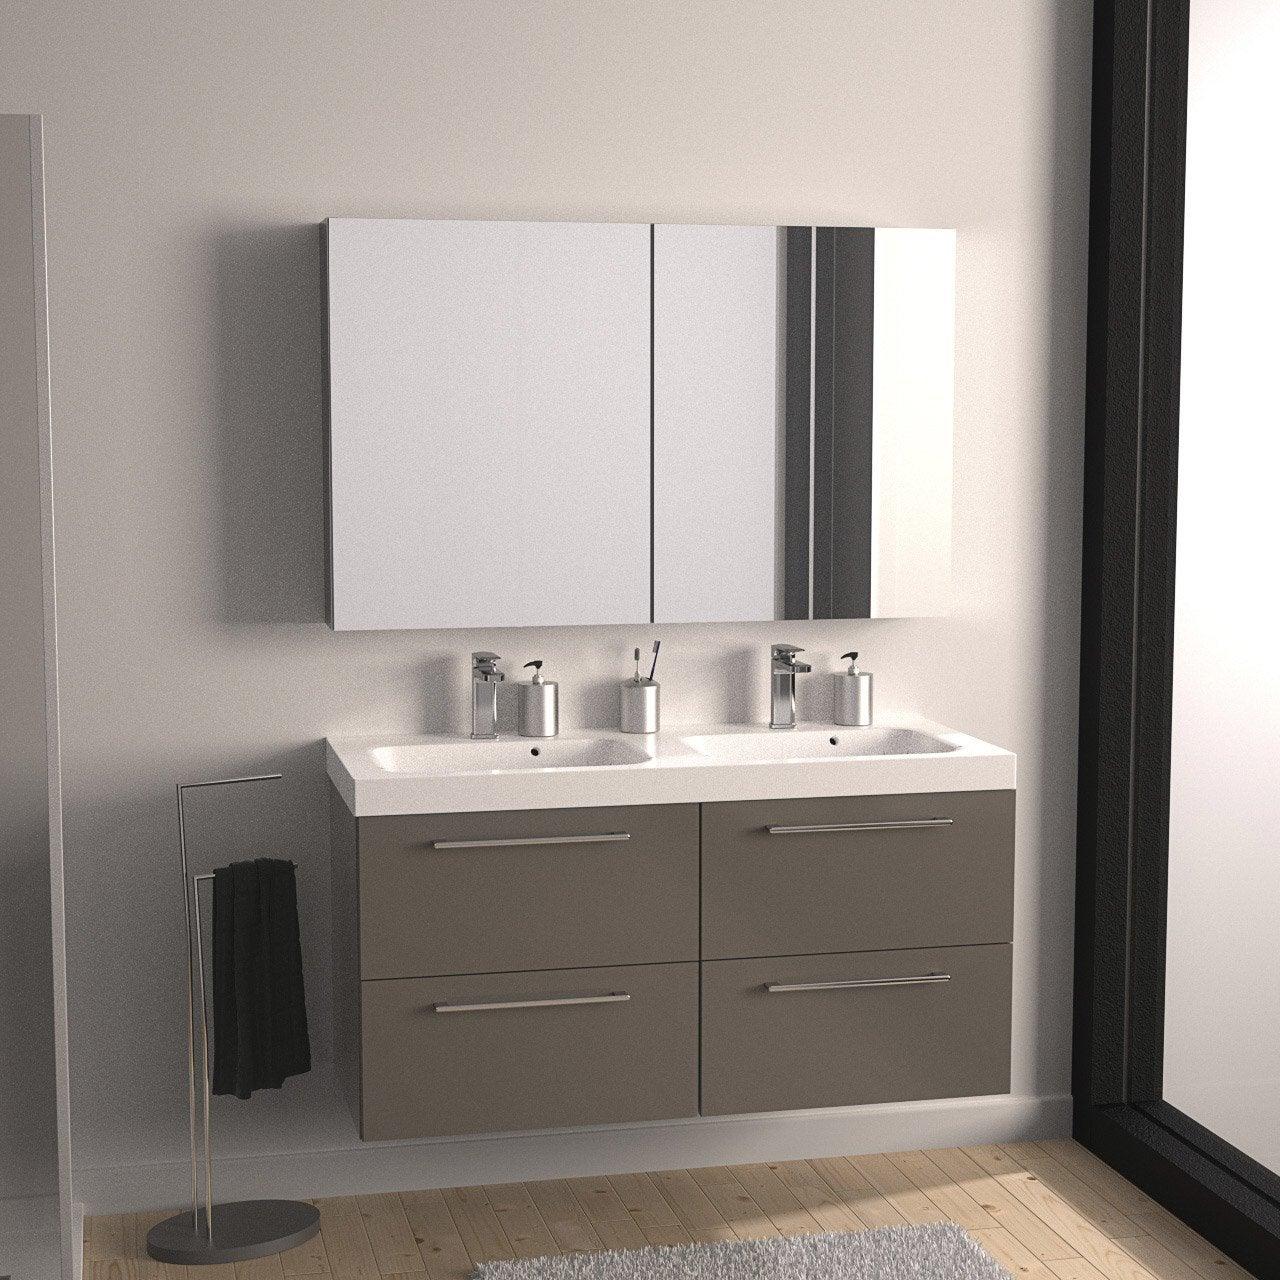 meuble sous vasque x x cm brun sensea remix leroy merlin. Black Bedroom Furniture Sets. Home Design Ideas